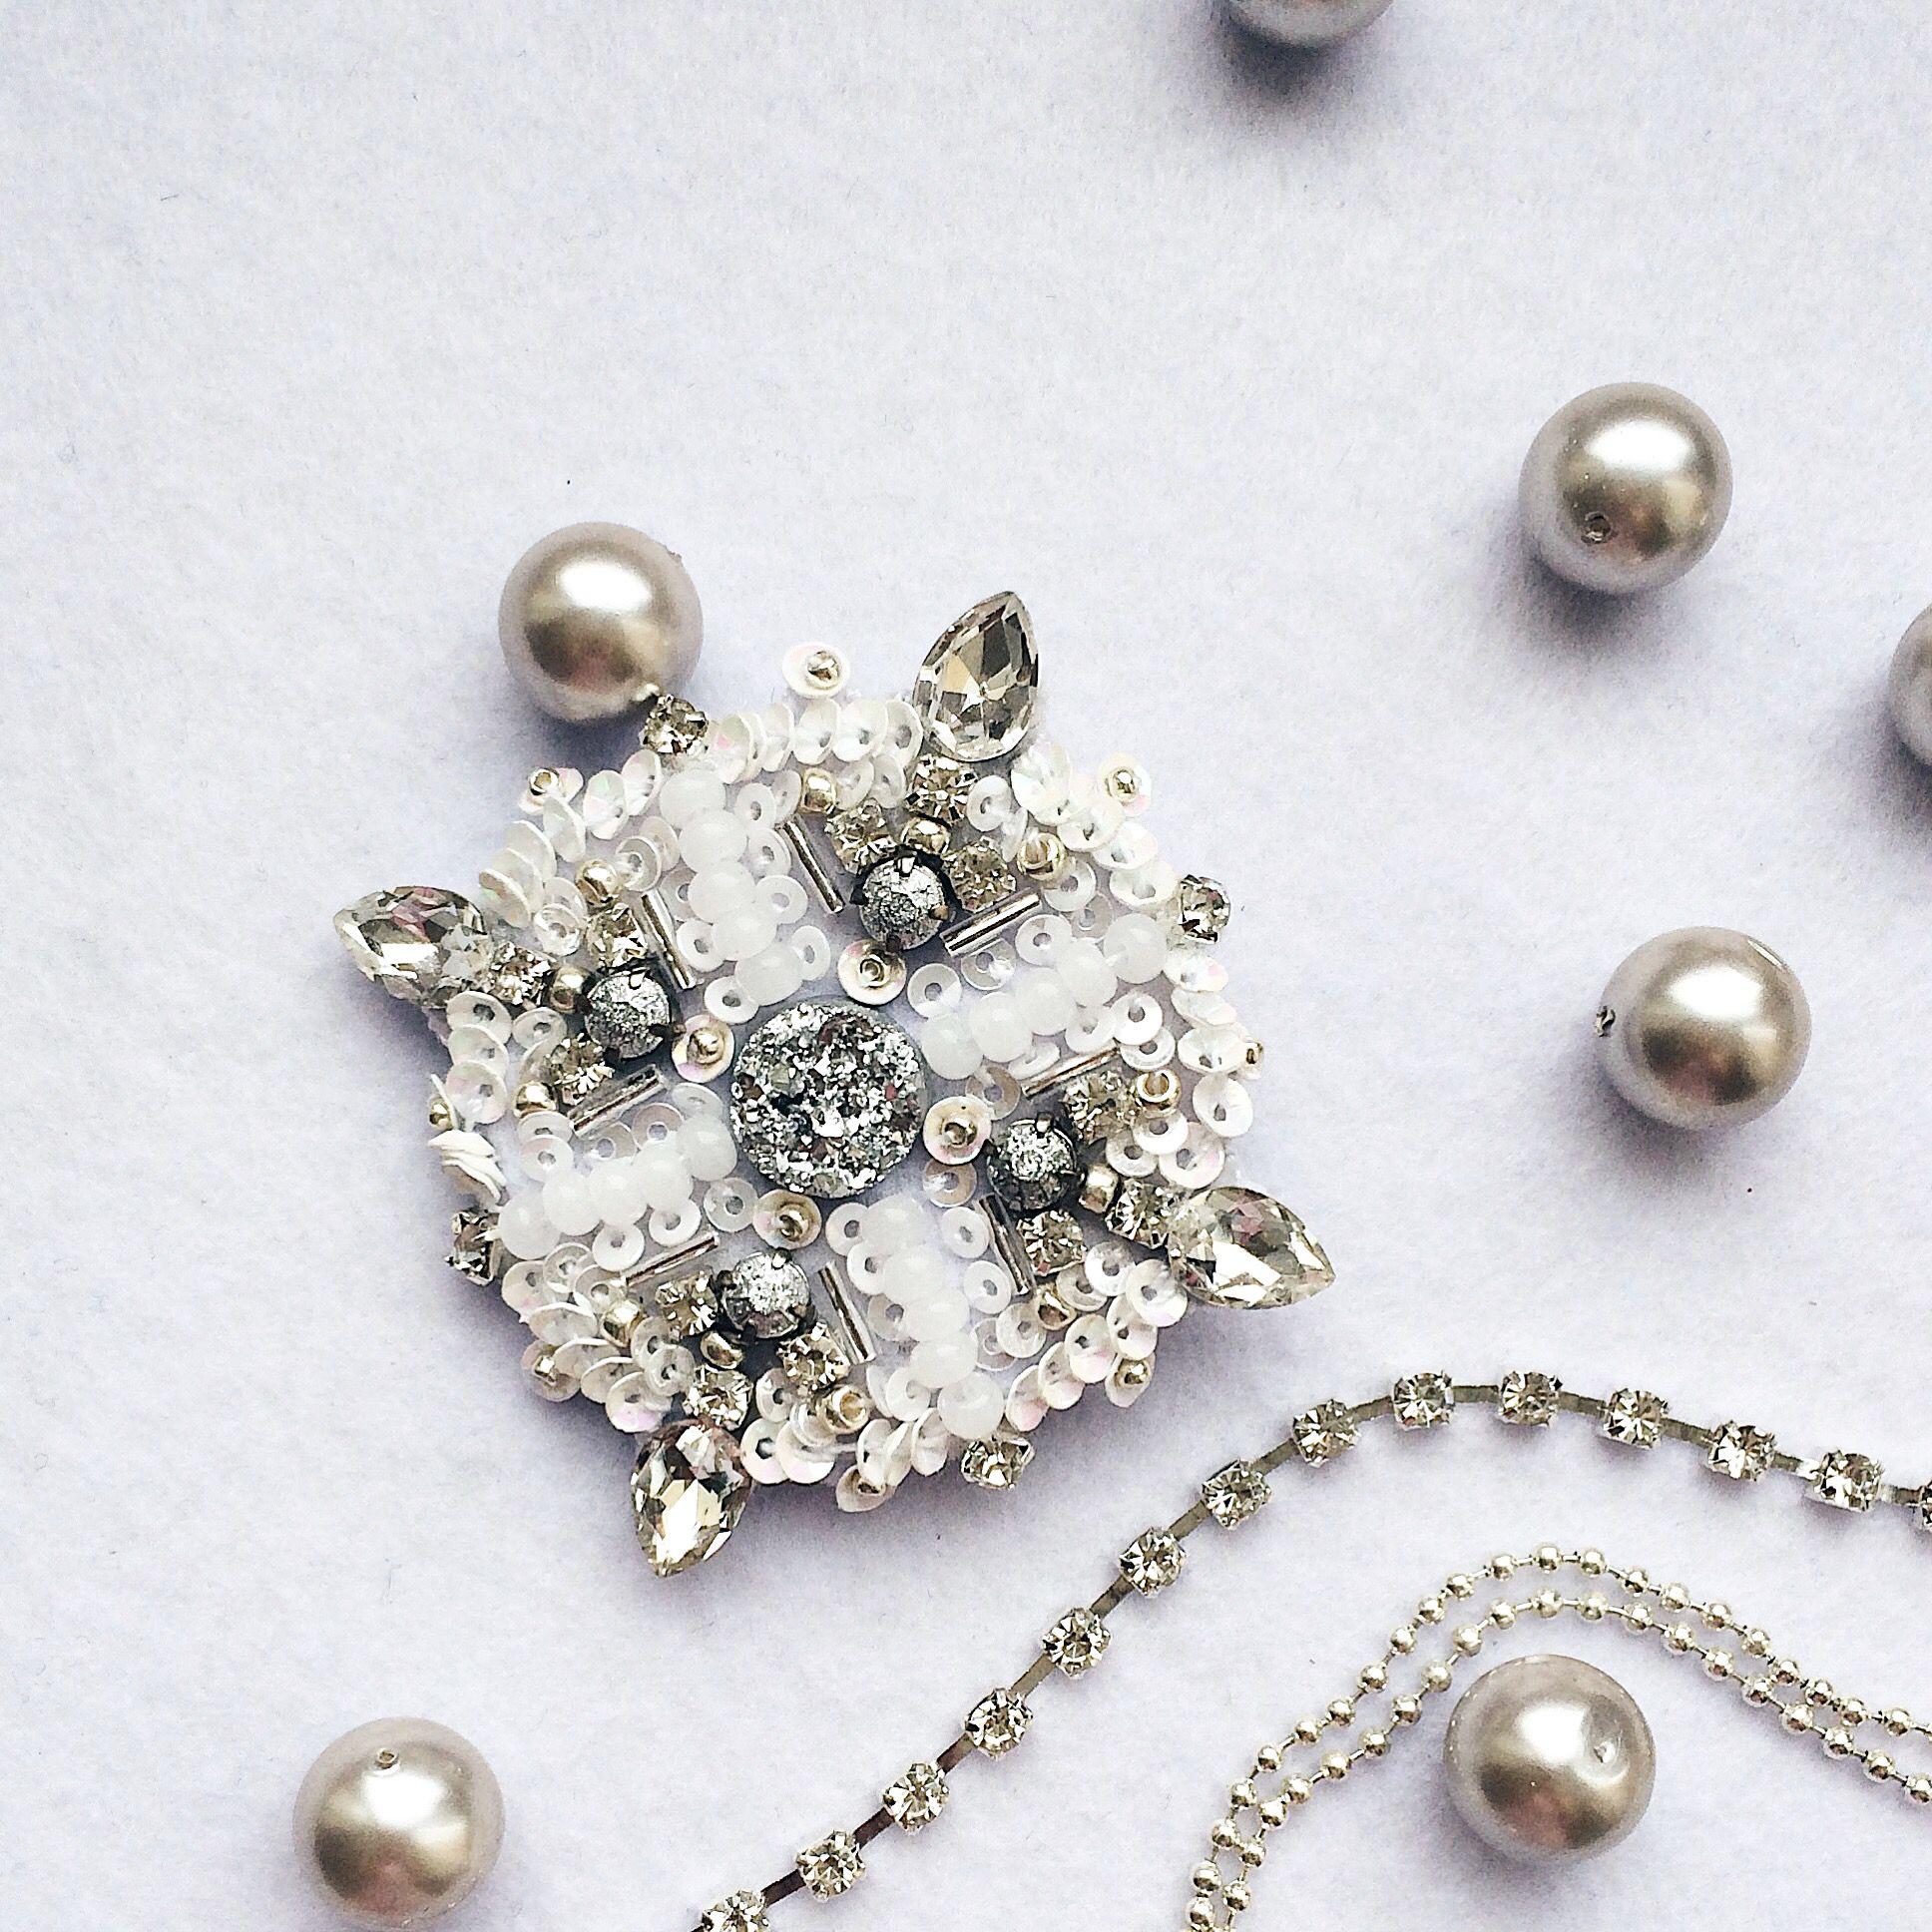 подарок девушке белый украшение брошь новый год плетение бисера